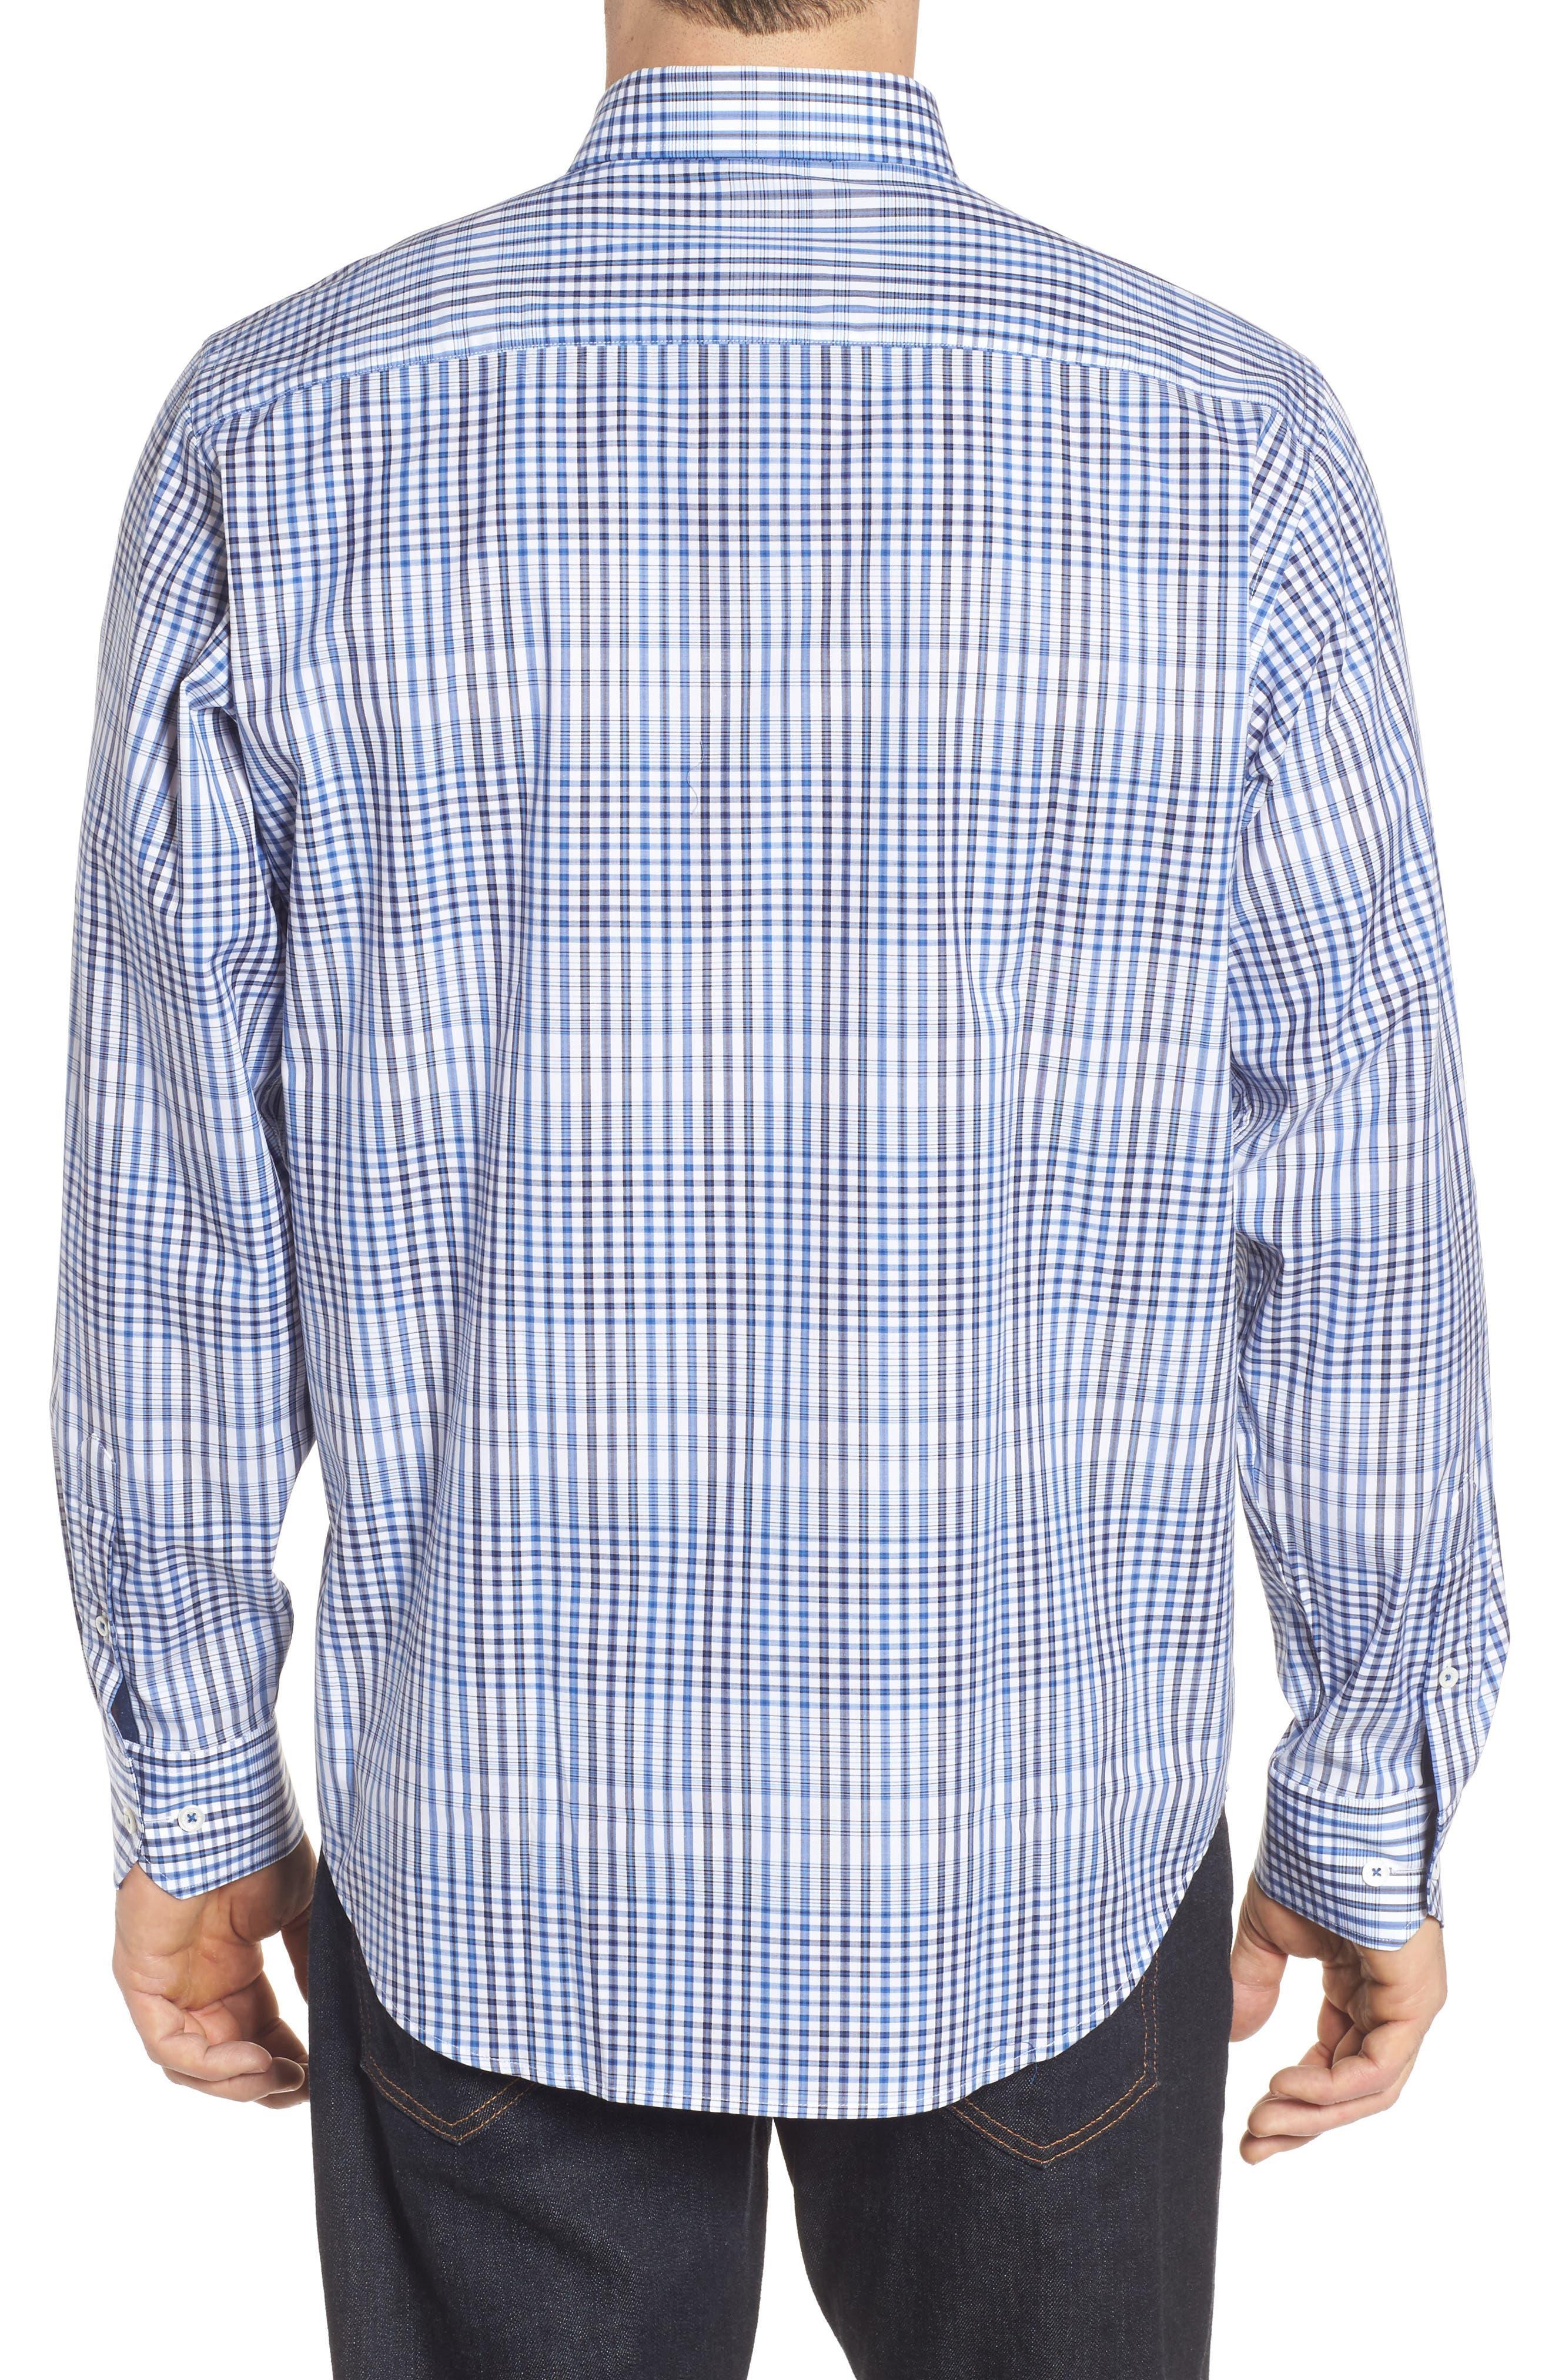 Classic Fit Plaid Sport Shirt,                             Alternate thumbnail 2, color,                             Classic Blue